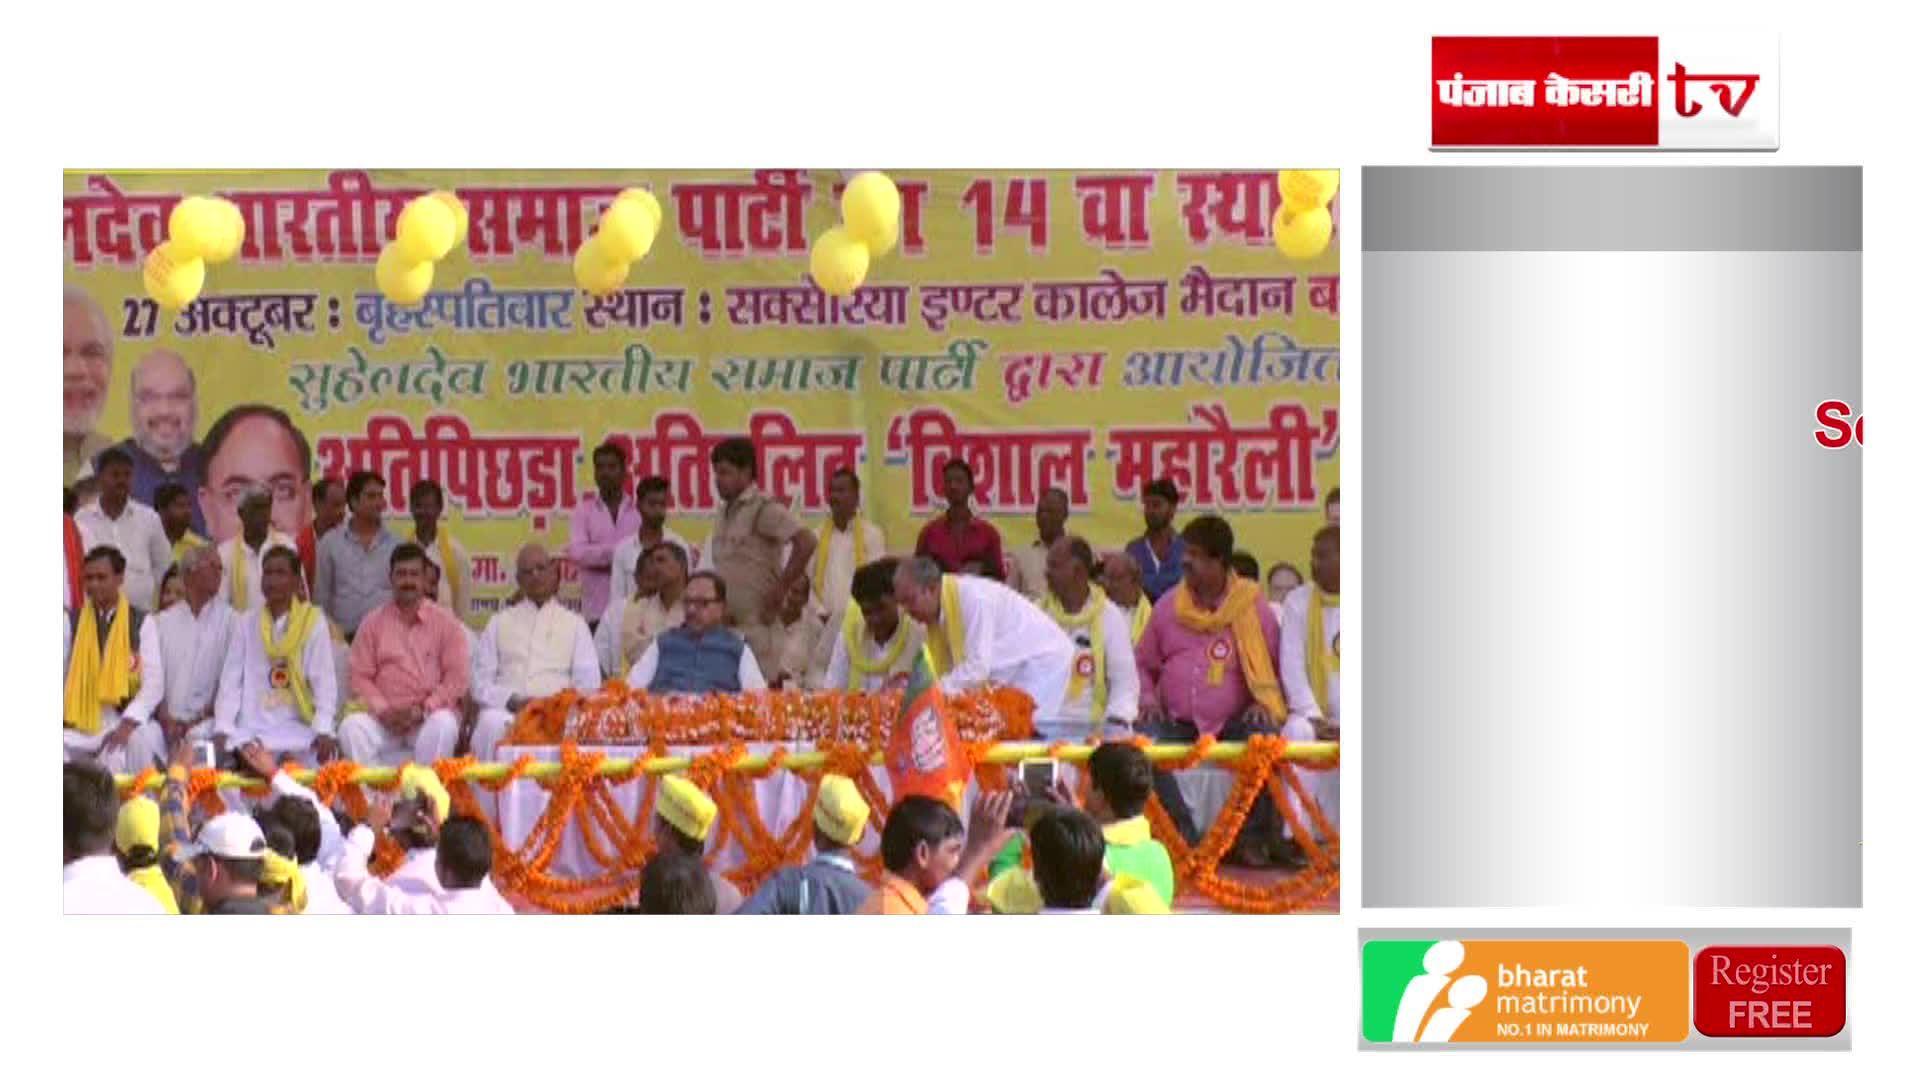 Image of लोहिया के समाजवाद से भटक चुकी है सपा: महेंद्र नाथ पांडेय